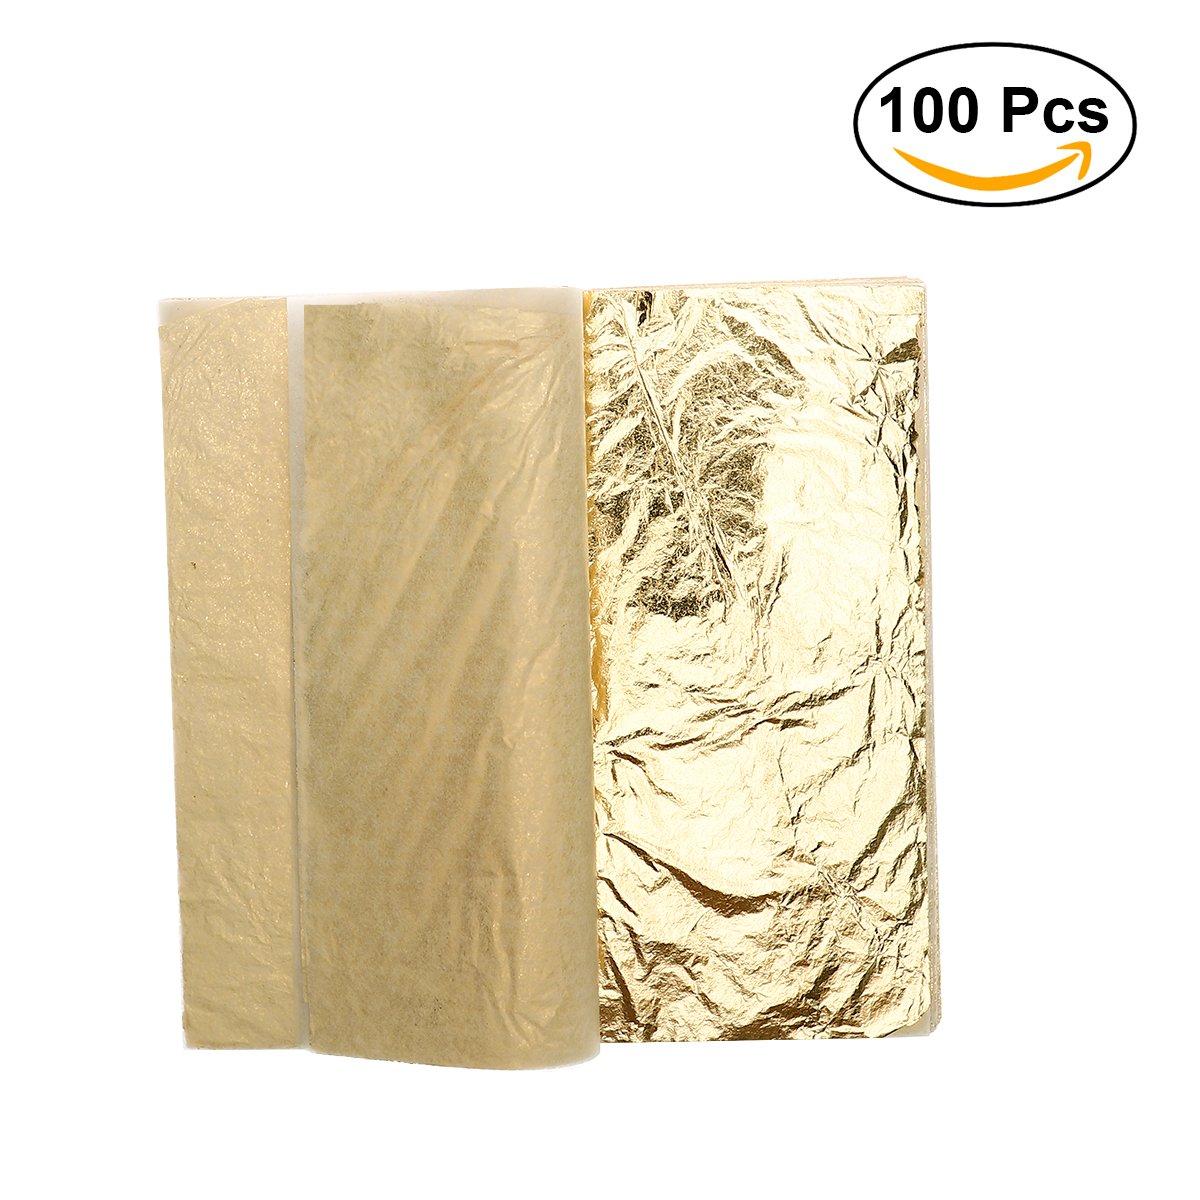 ROSENICE Gold Leaf Imitation 5.5 Inch for Art Crafts Gilding Crafting Frames 100 Sheets